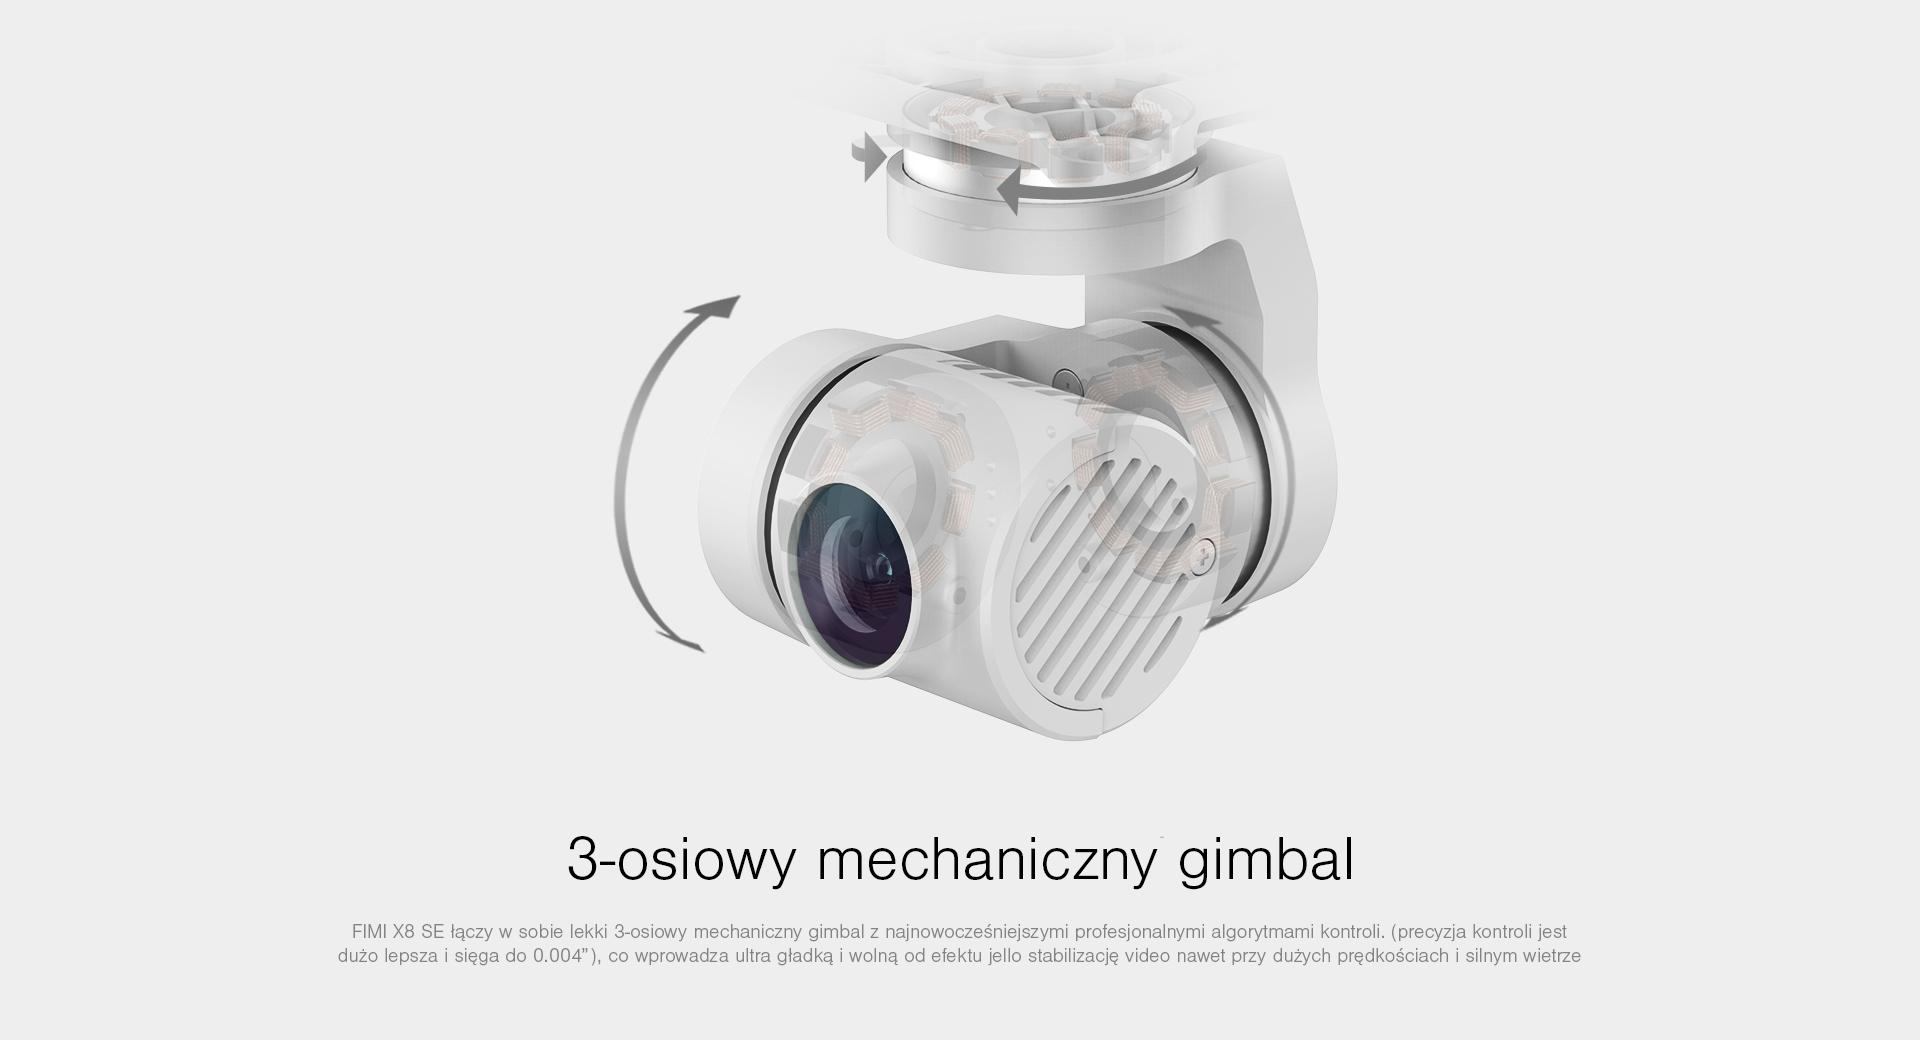 dron z 3 osiowym mechanicznym gimbalem